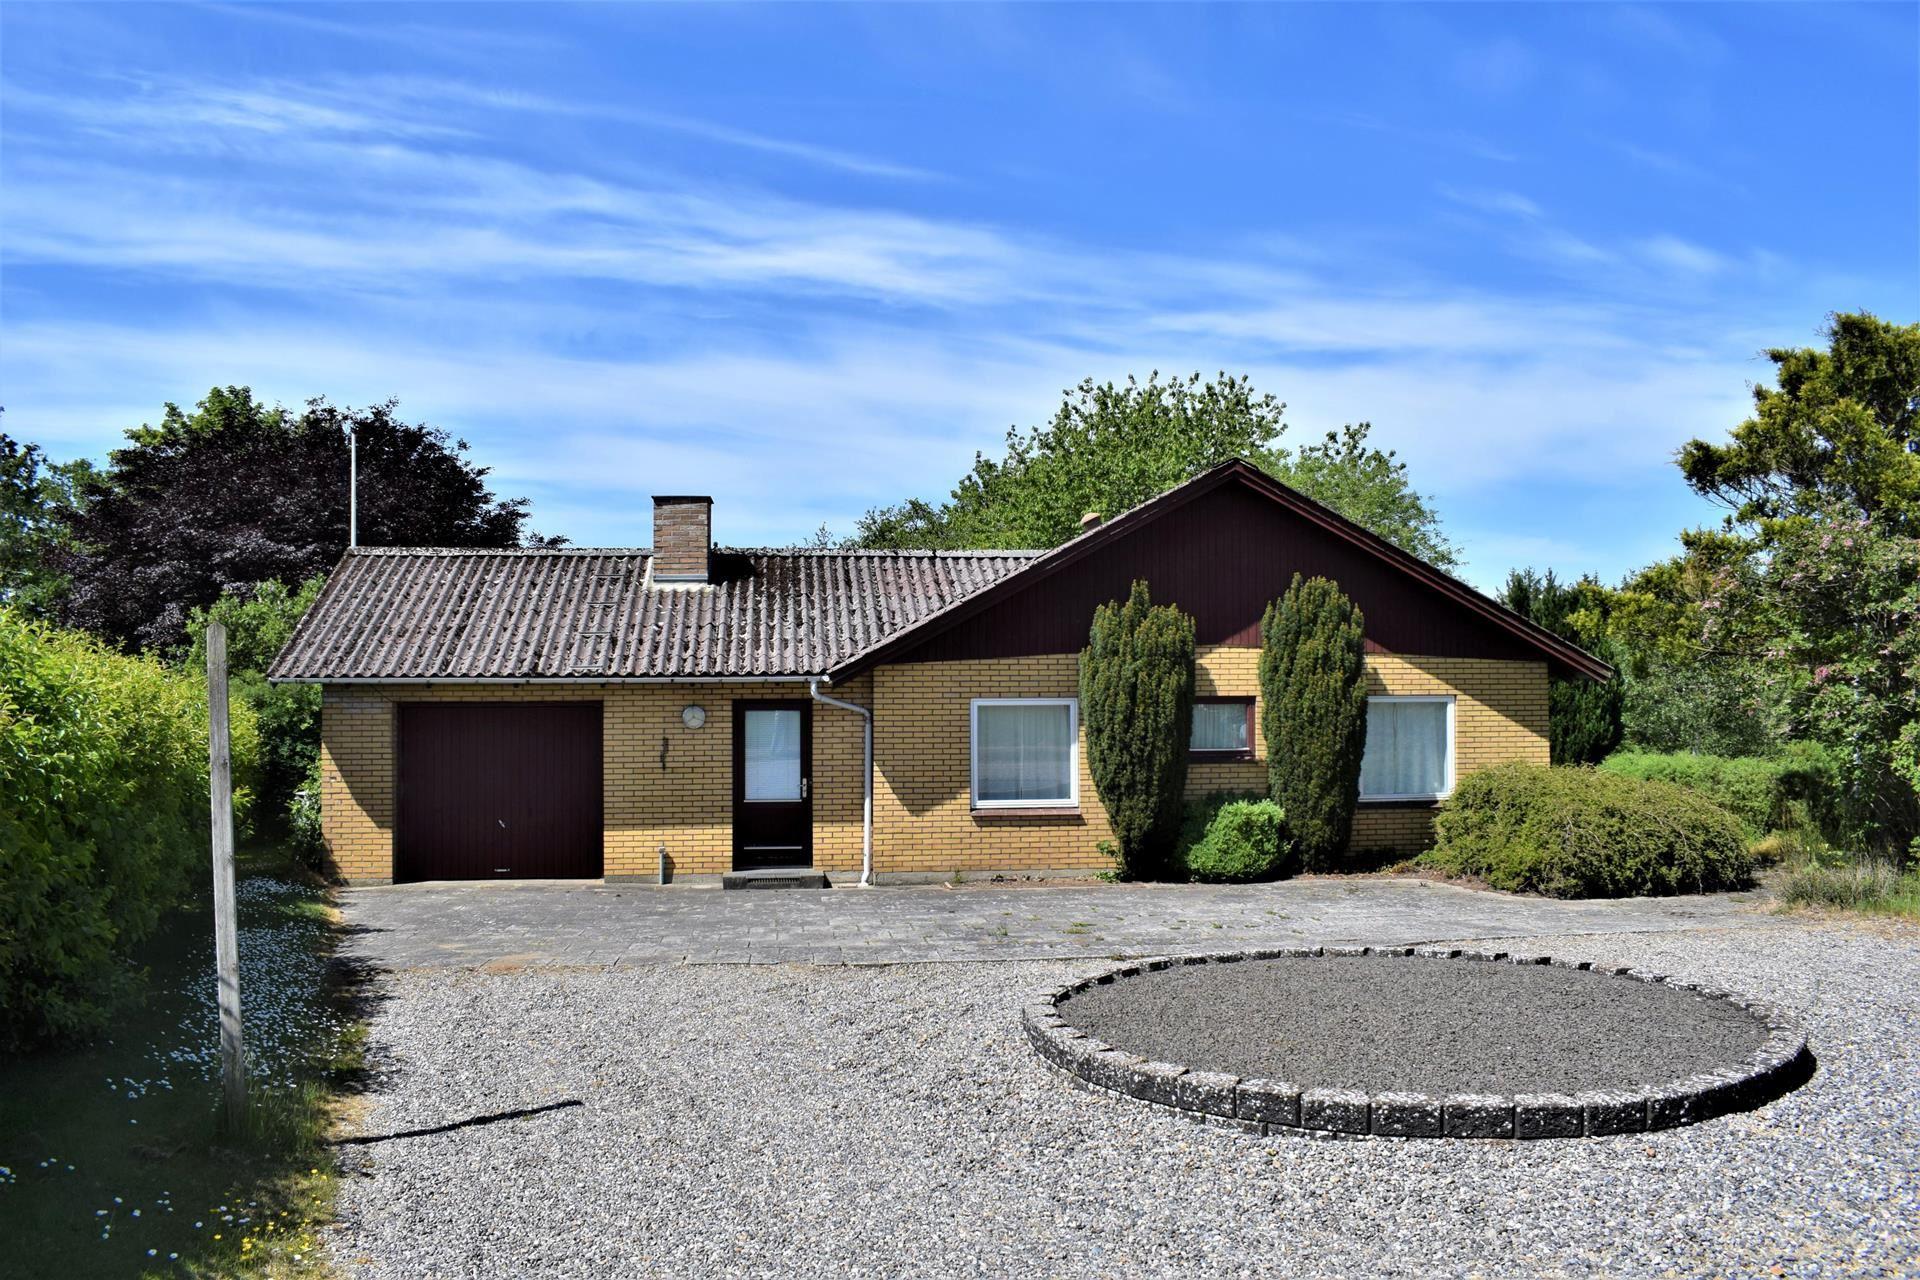 Muldbjerg Byvej 10, Hover, 6971 Spjald